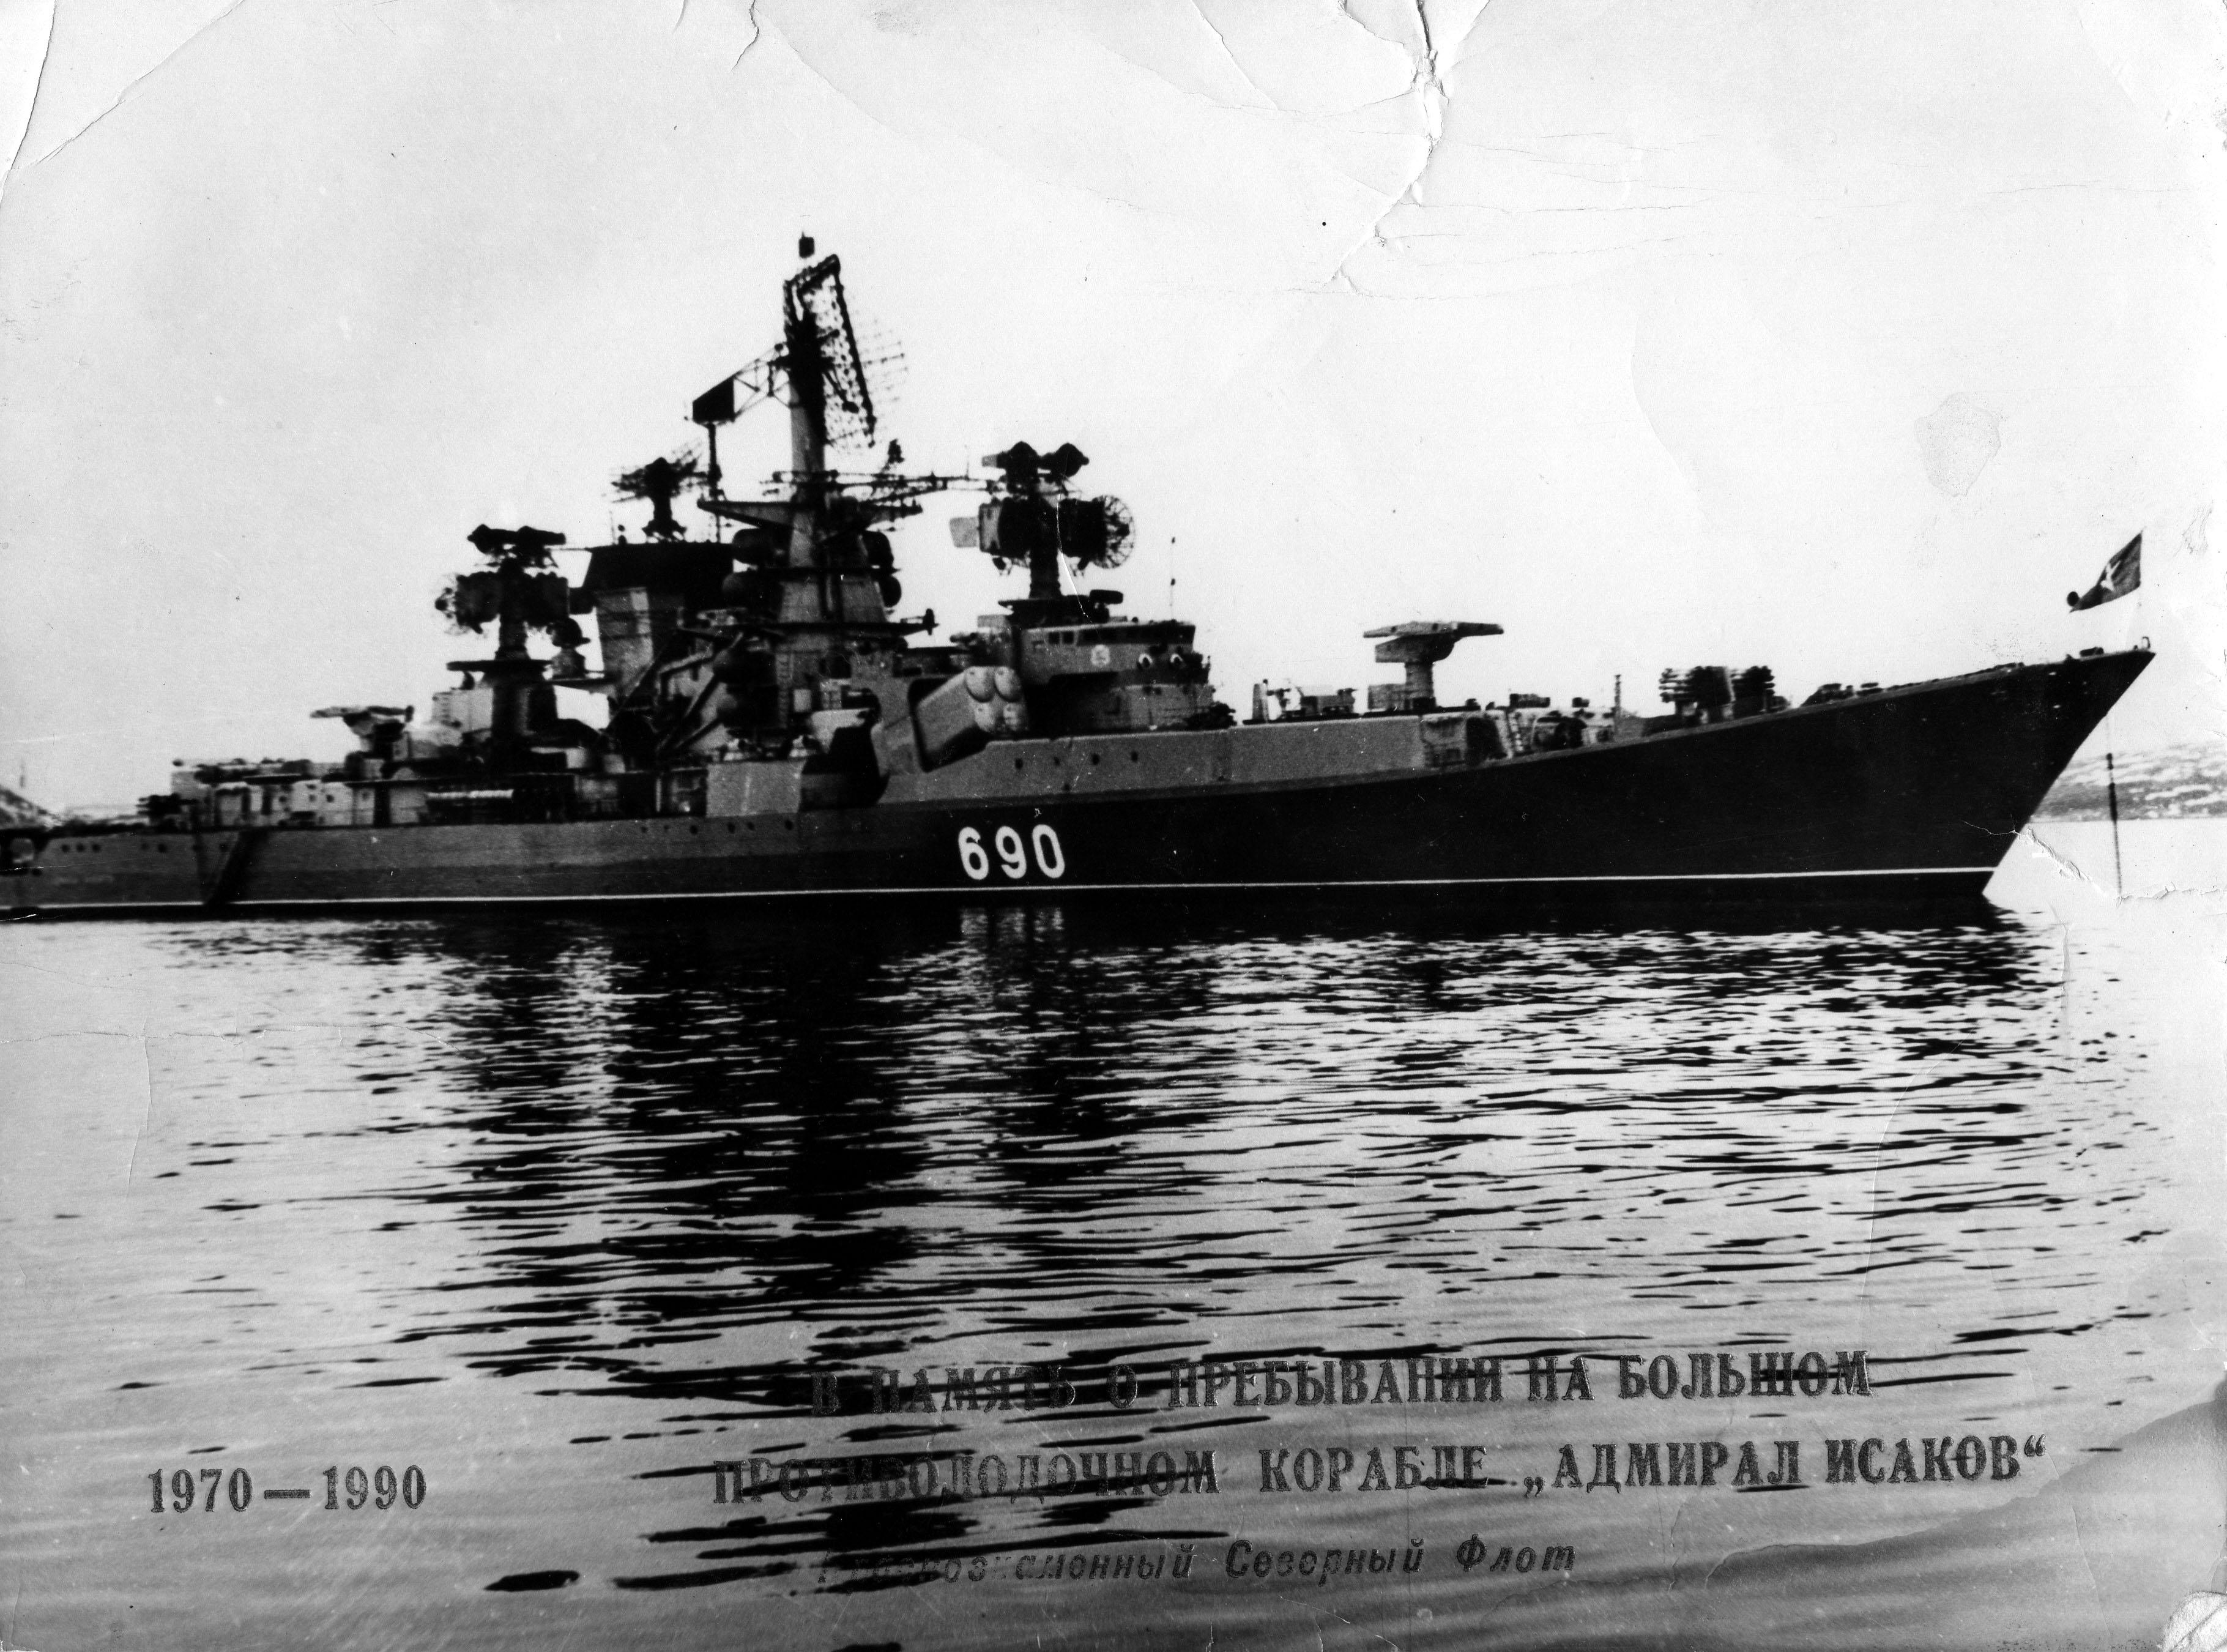 нашем бпк адмирал исаков фото недвижимость случай